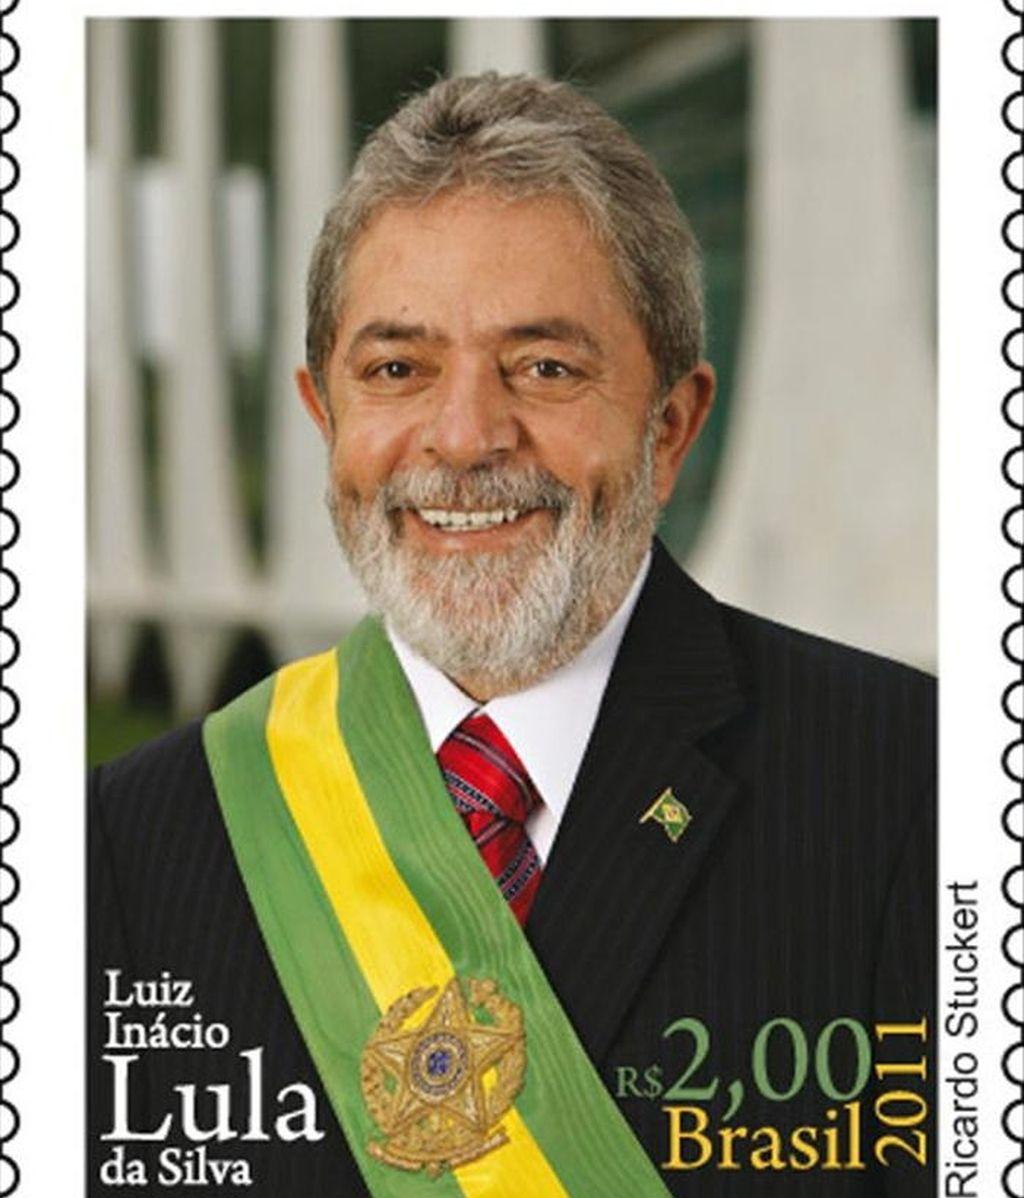 Fotografía cedida en la que se observa un ejemplar de una serie limitada de sellos con la imagen del ex presidente Luiz Inácio Lula da Silva emitida por los Correos de Brasil. EFE